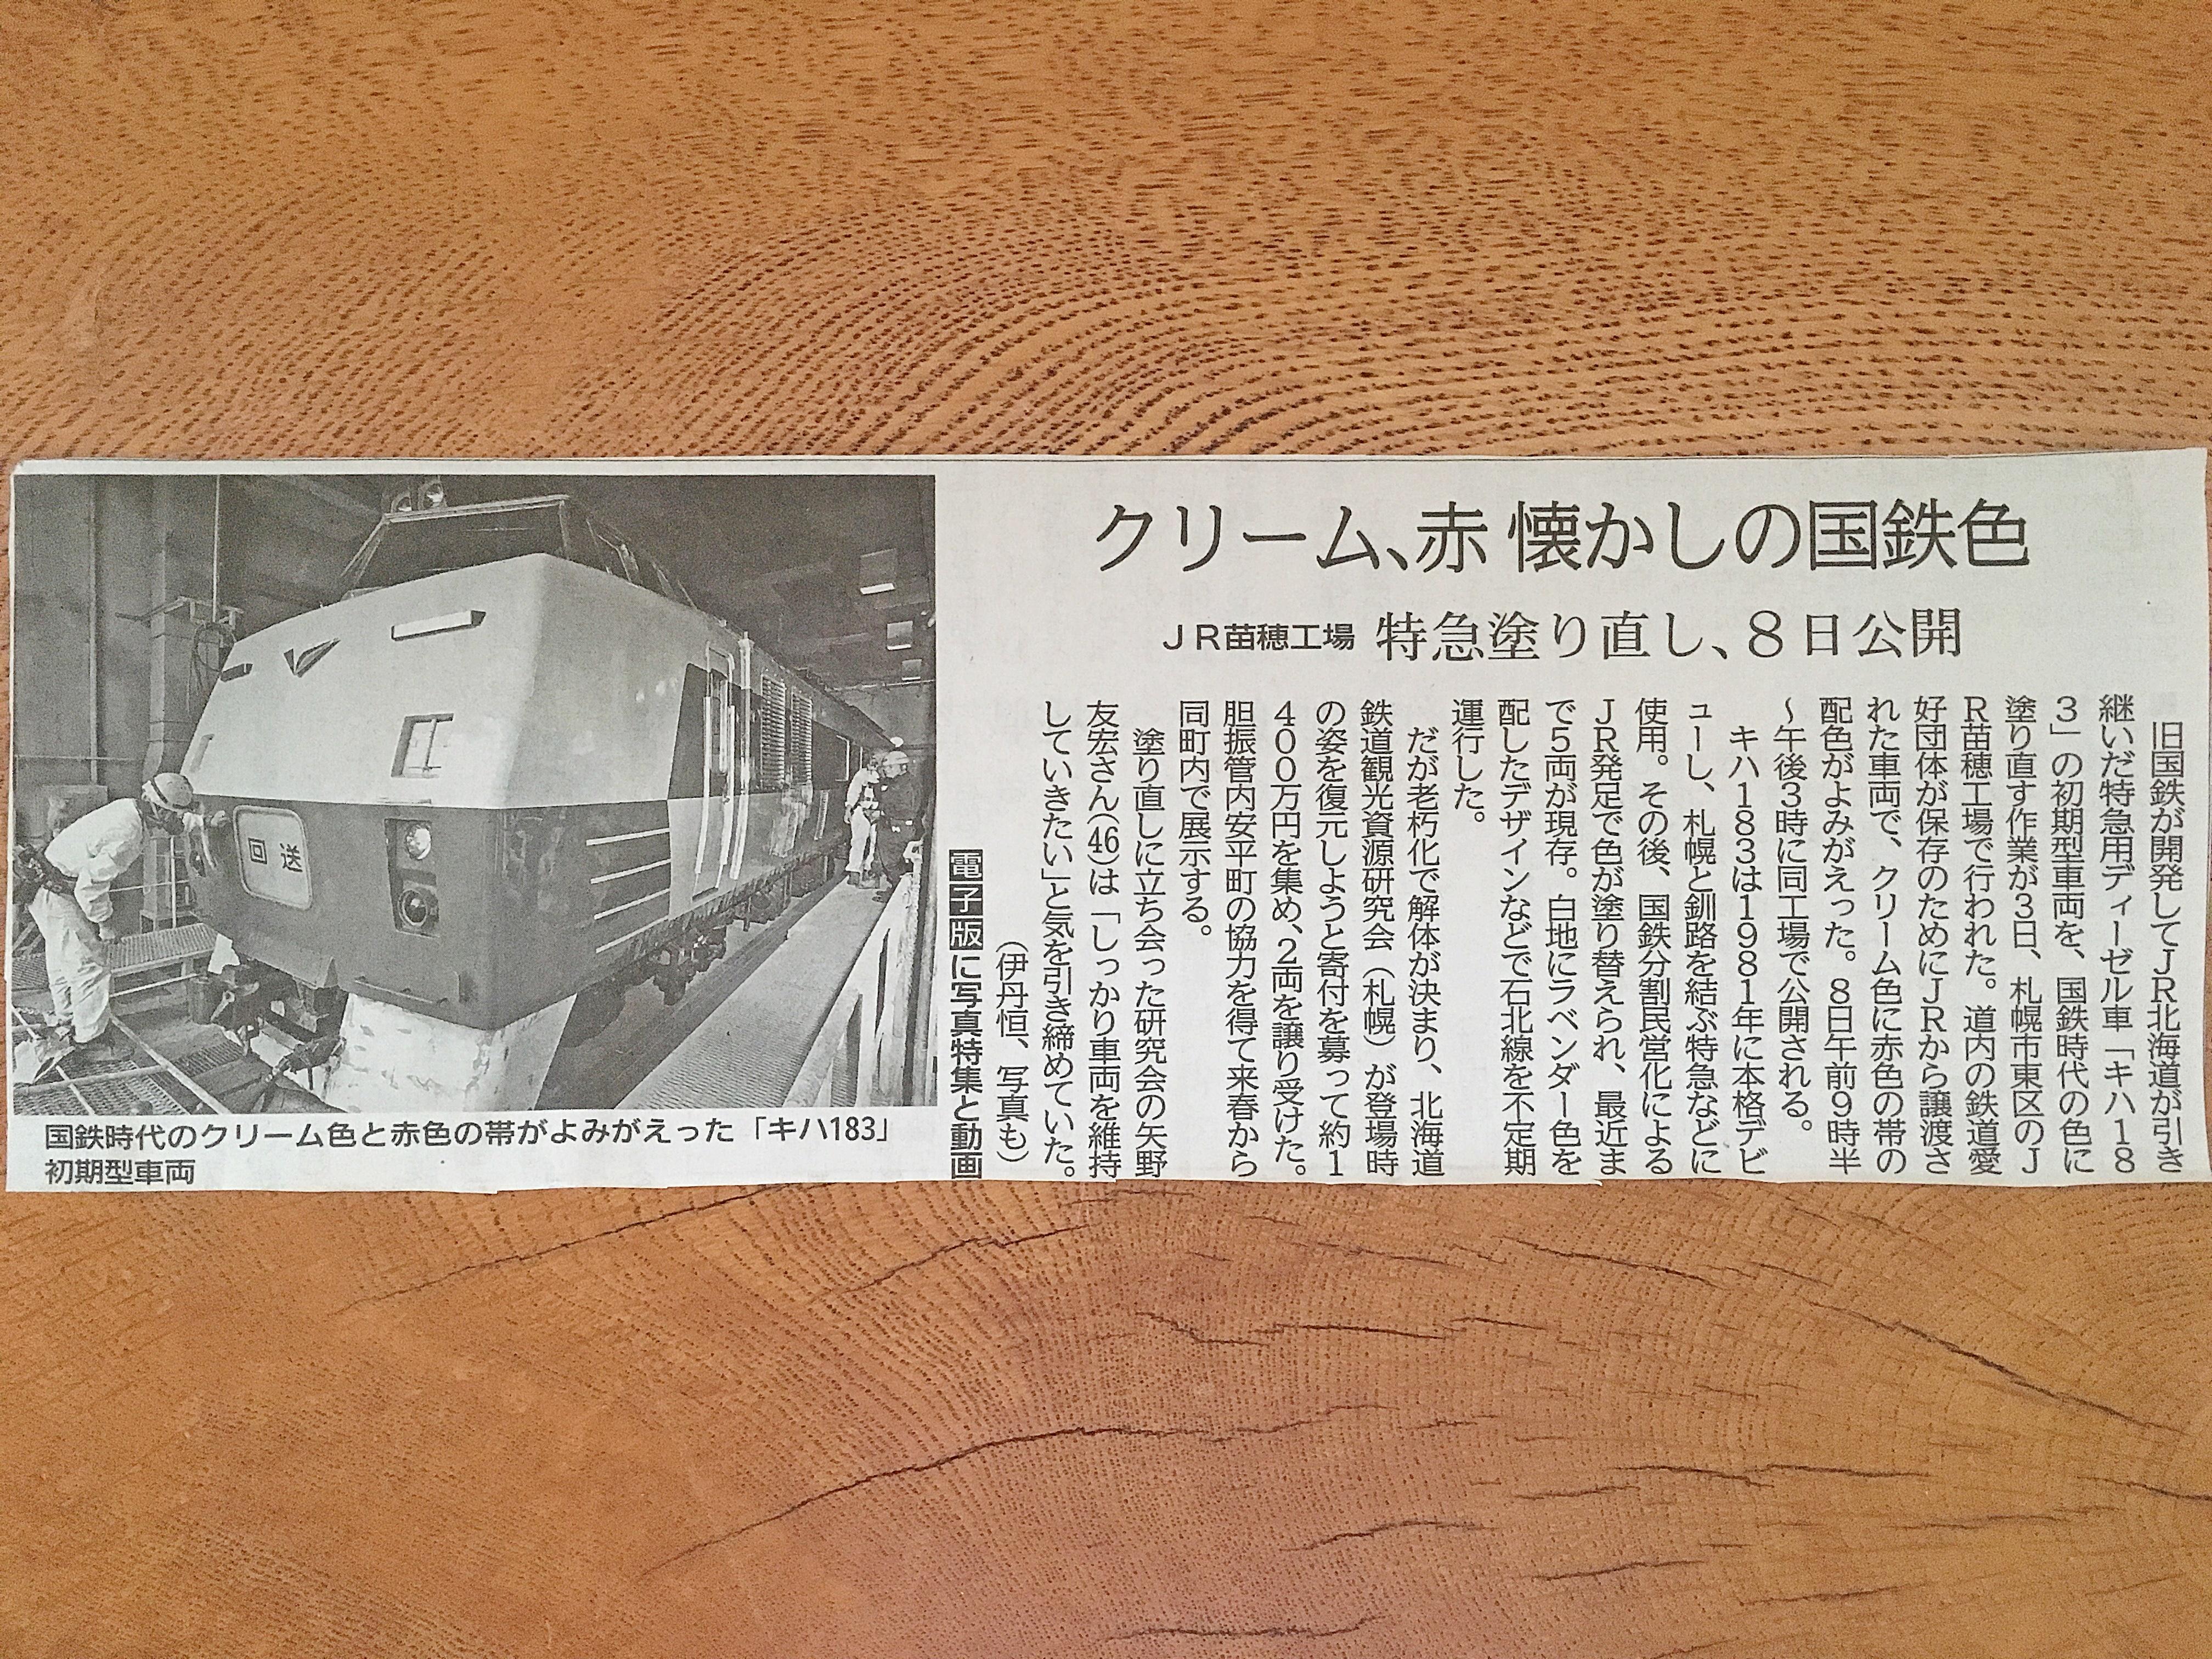 キハ183国鉄色塗り替え記事 180904.JPG